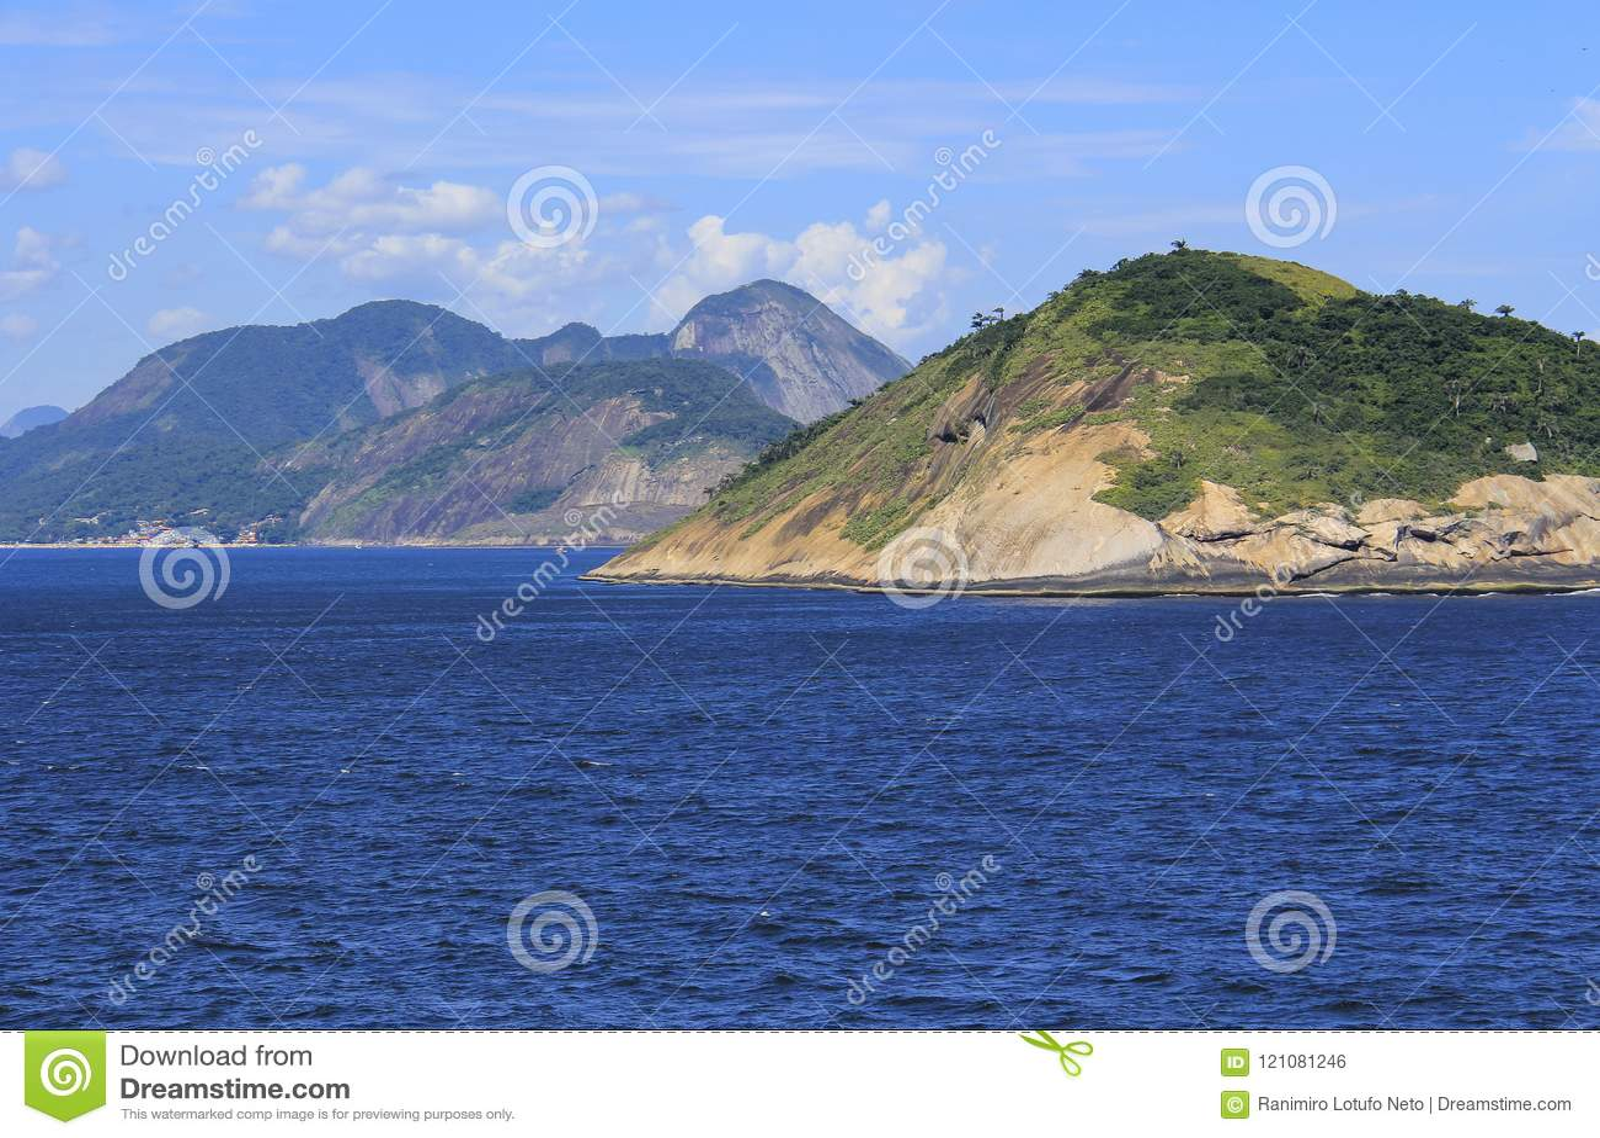 Îles autour du monde, île de Redonda en Rio de Janeiro, Brésil